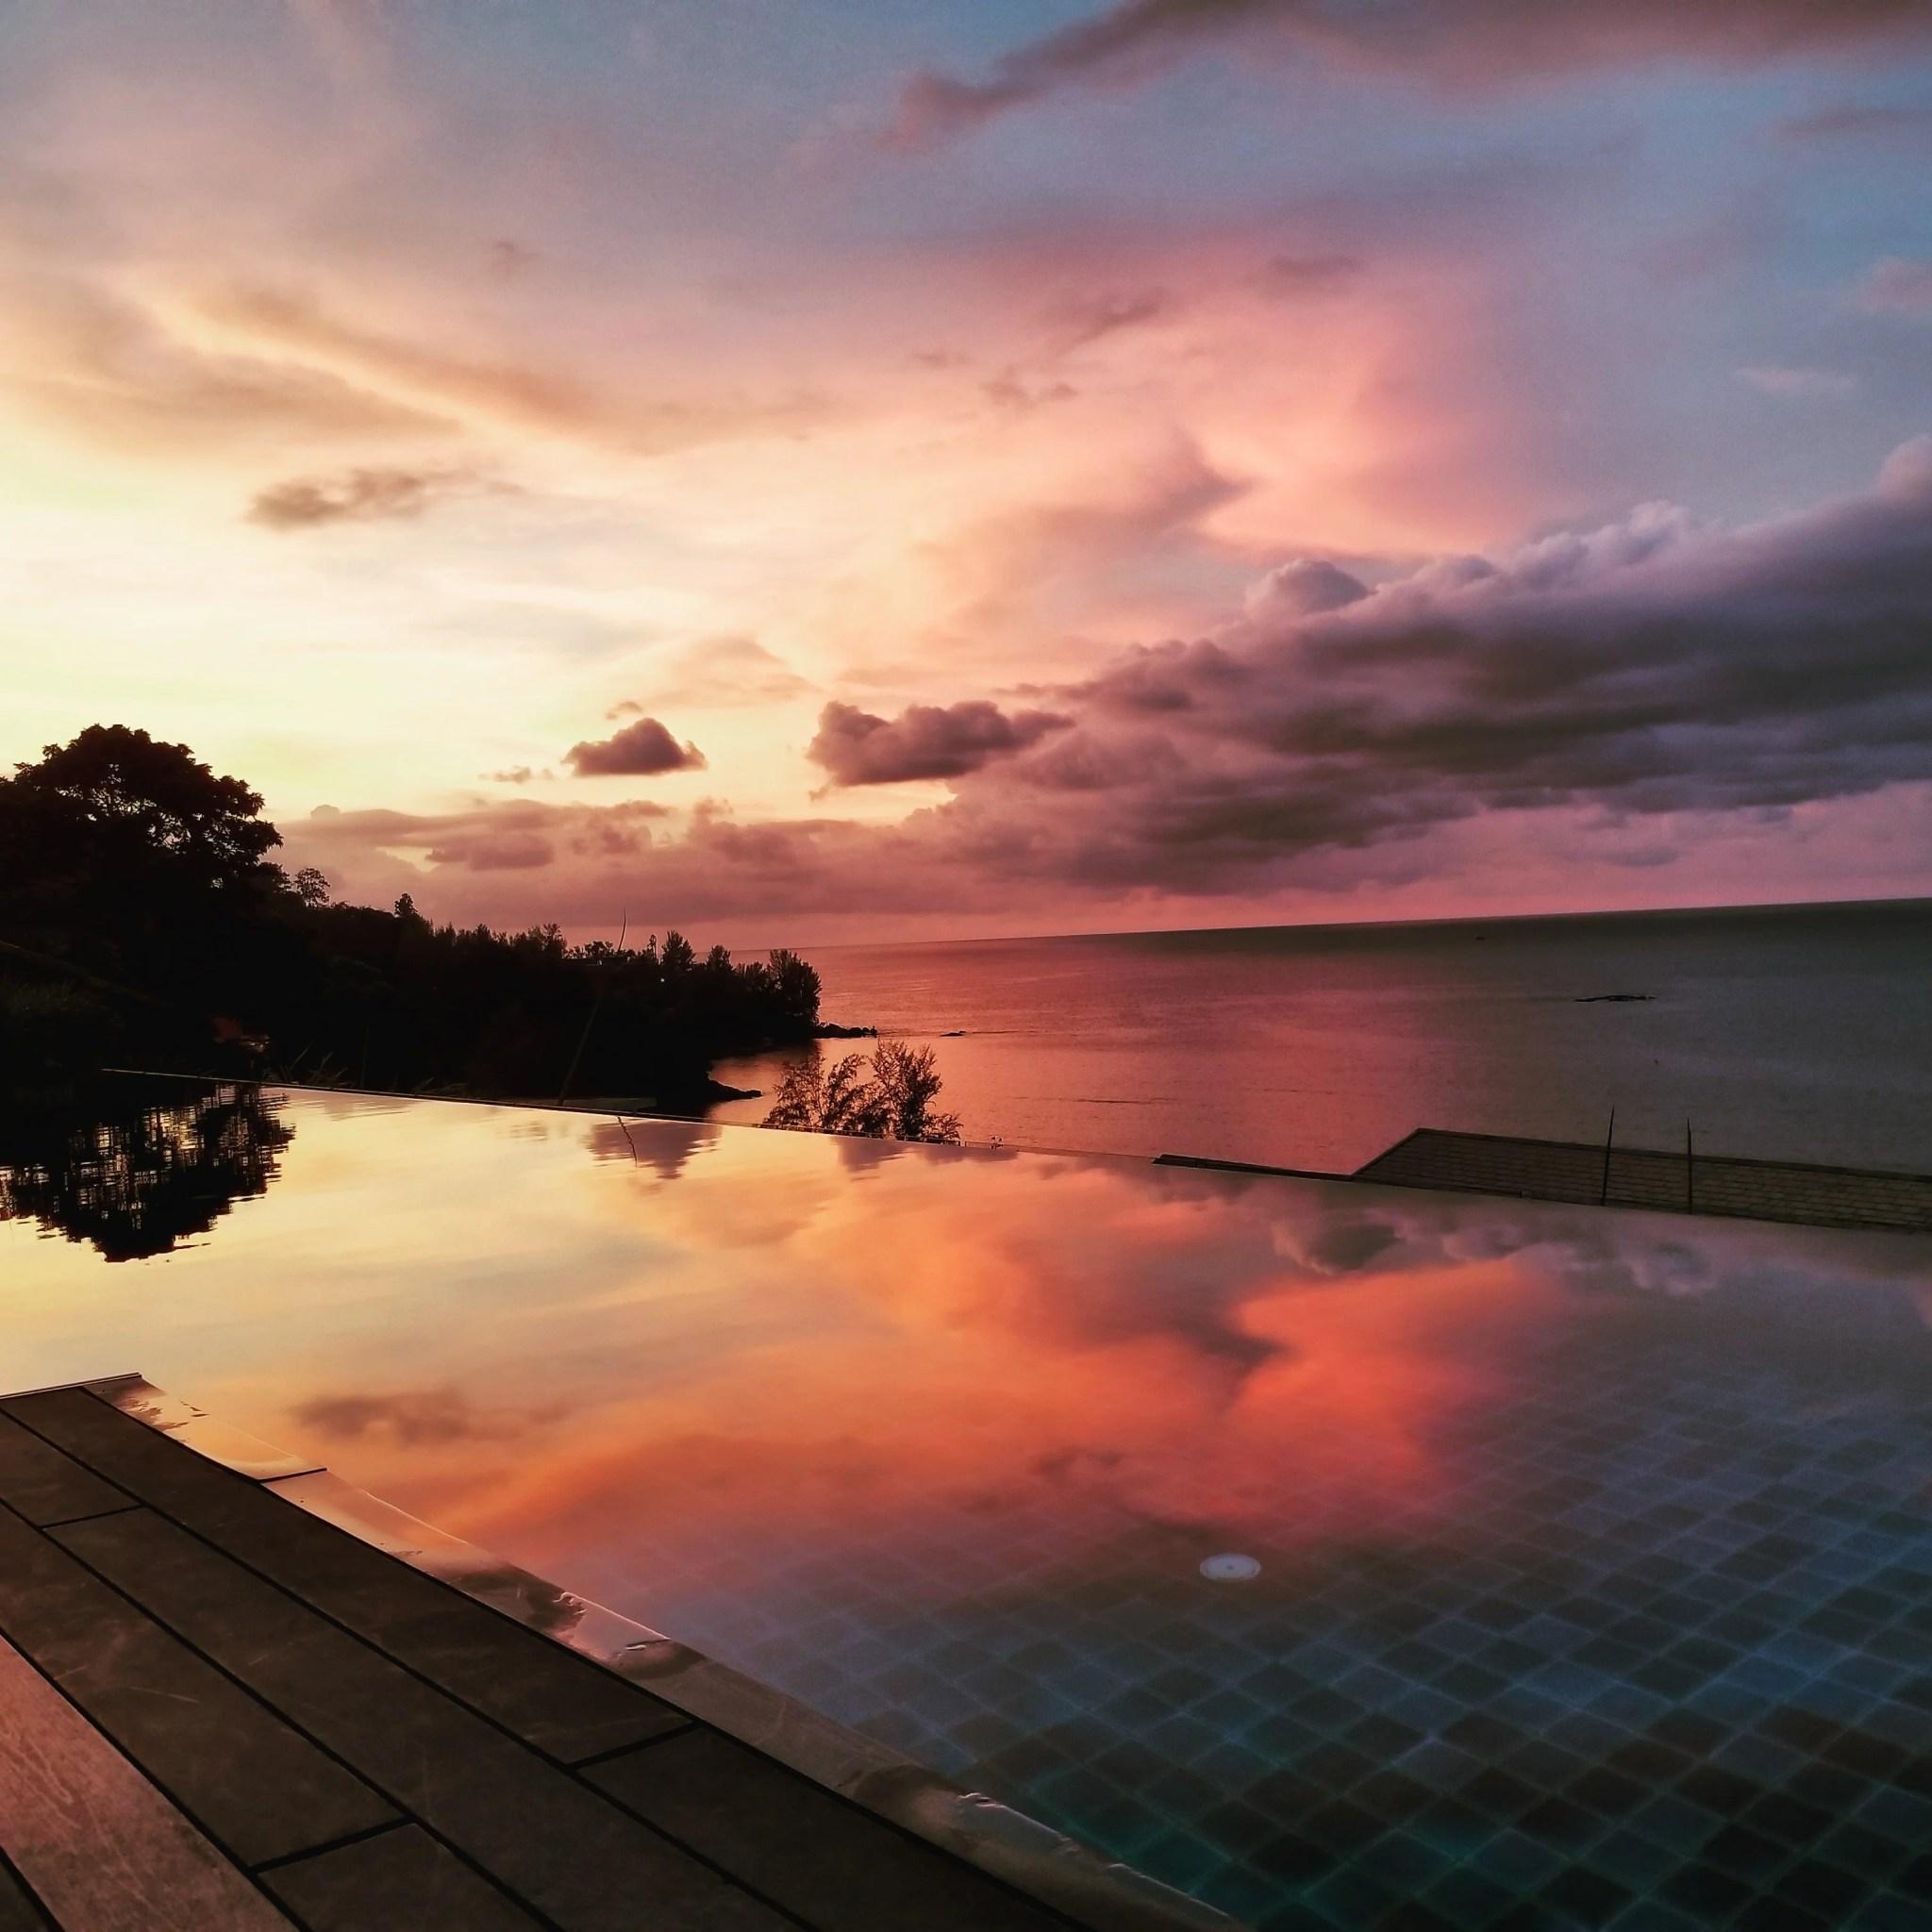 A Review Of The Hyatt Regency Resort In Phuket Thailand